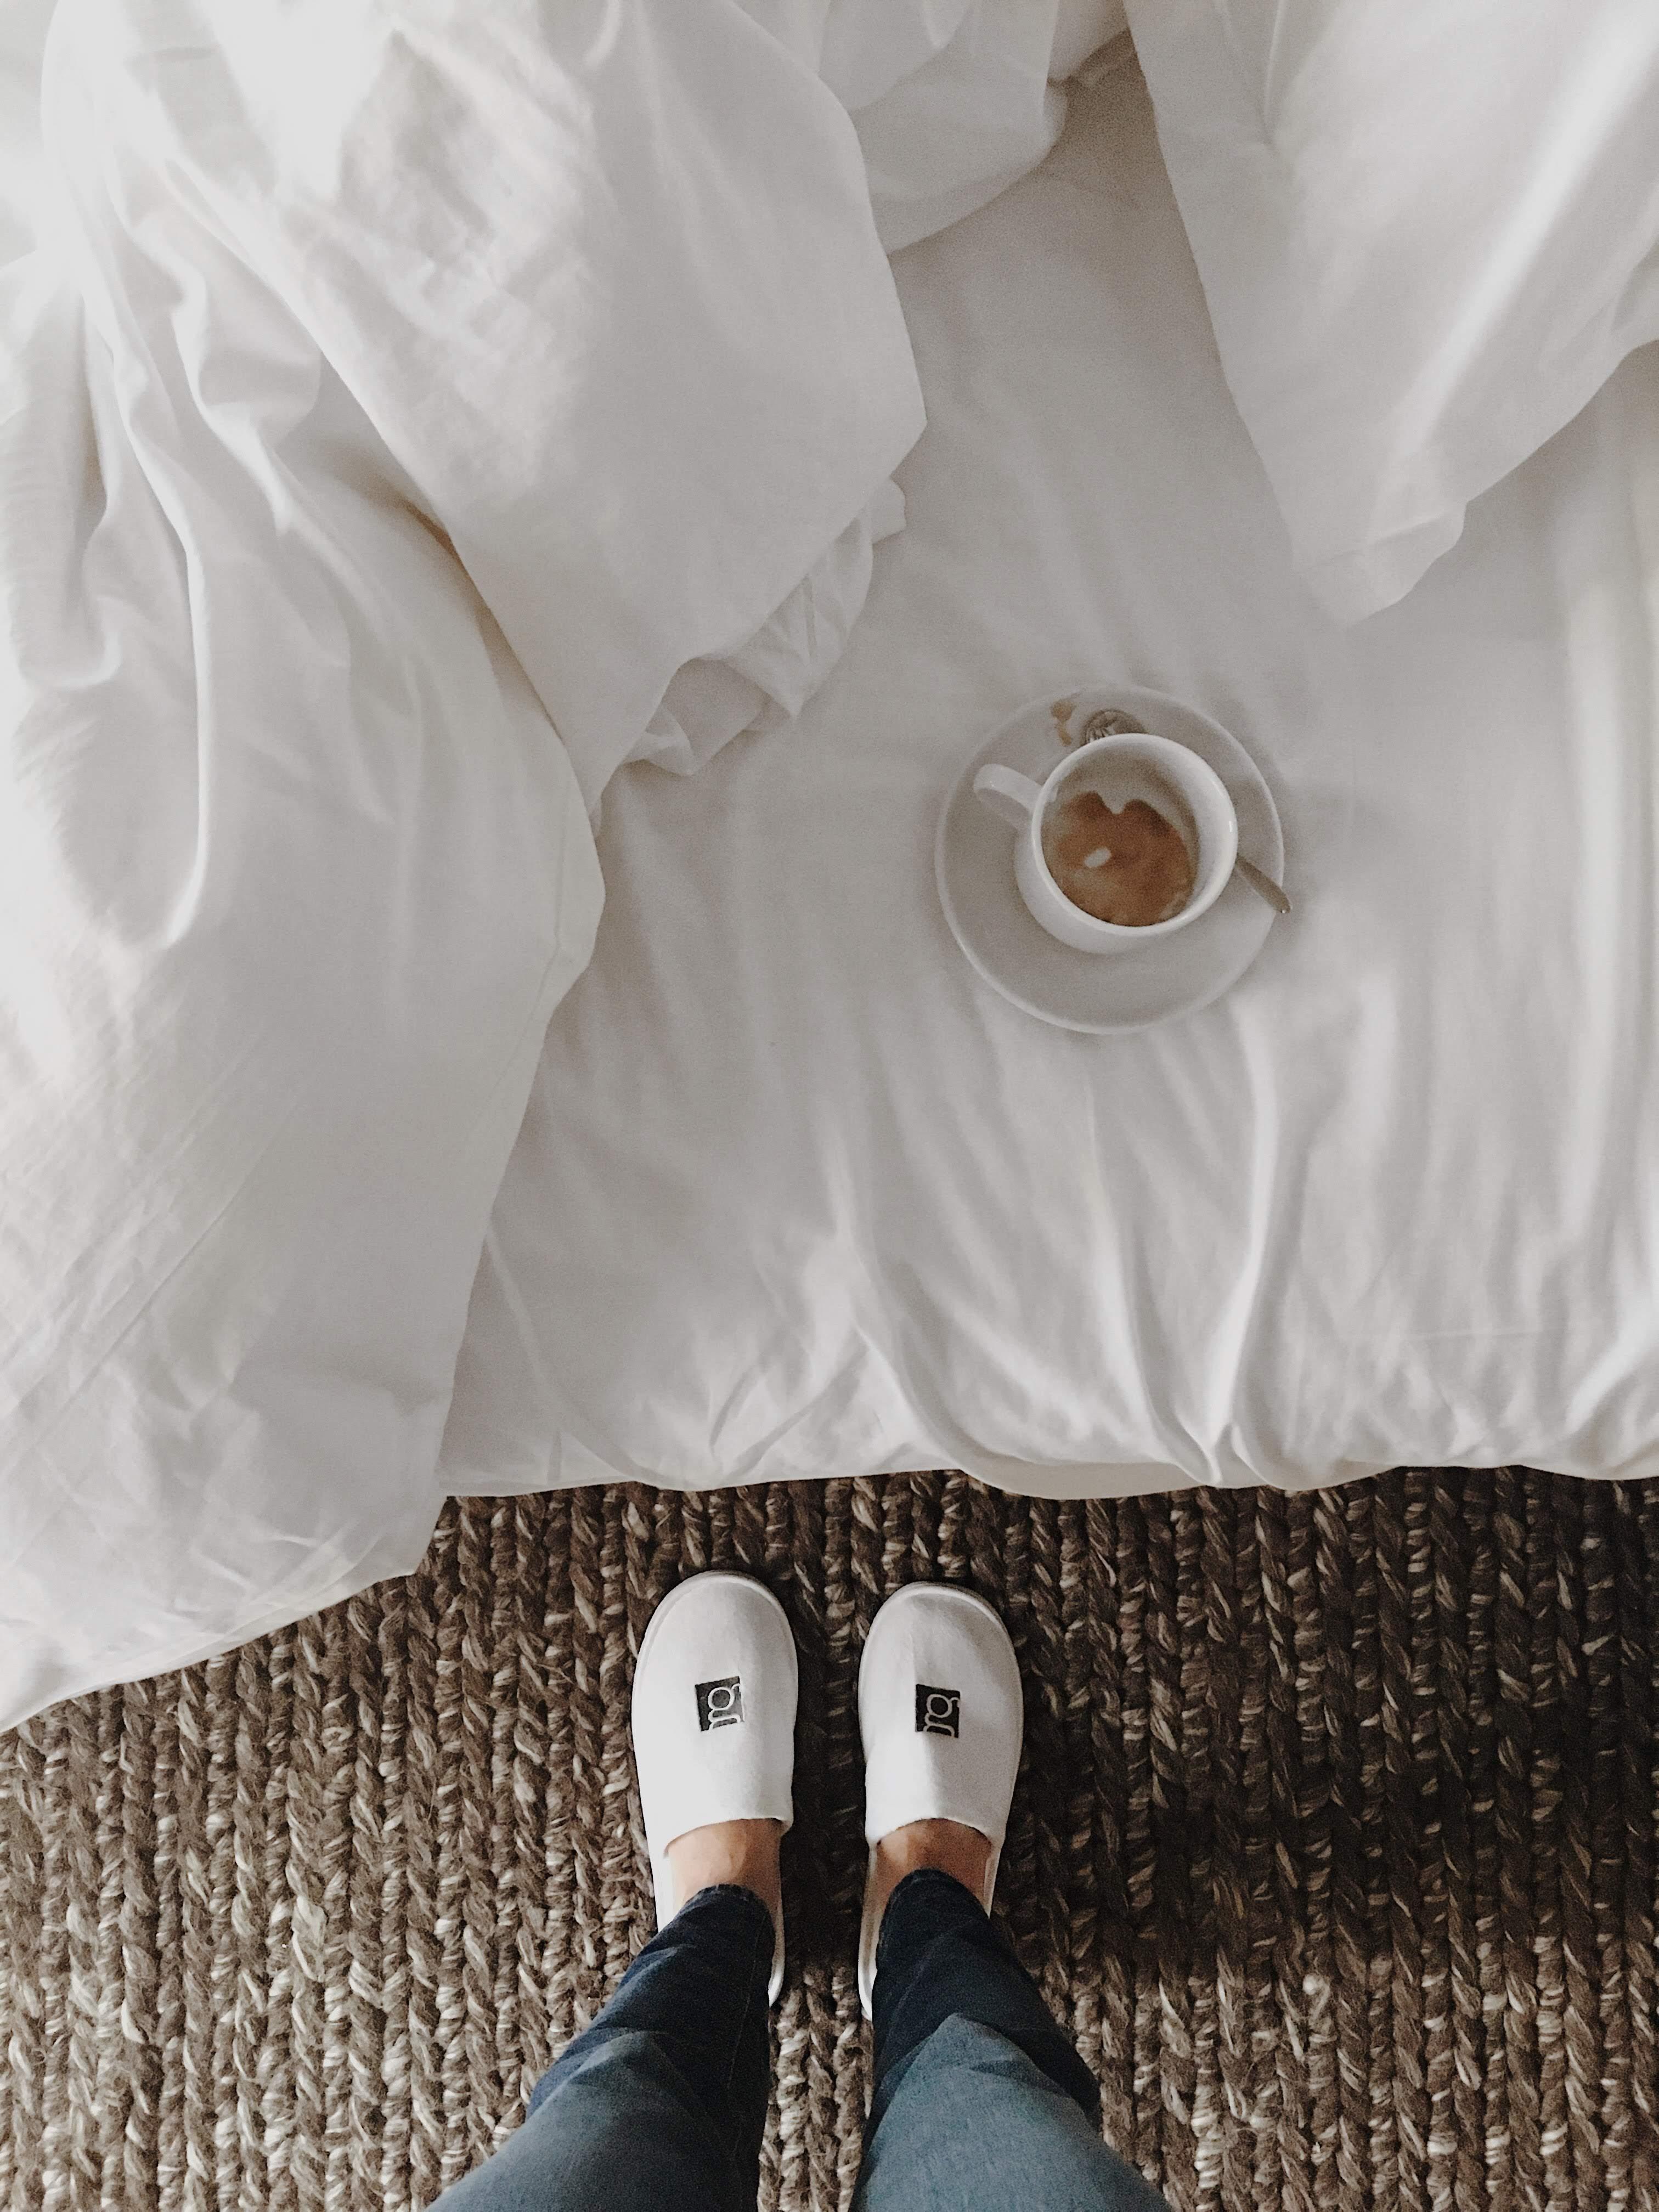 ottawa hotel, ottawa hotels, where to stay in ottawa, ottawa boutique hotel, ottawa Euro-inspired hotel, Le germain, Le Germain Ottawa, Le Germain hotels